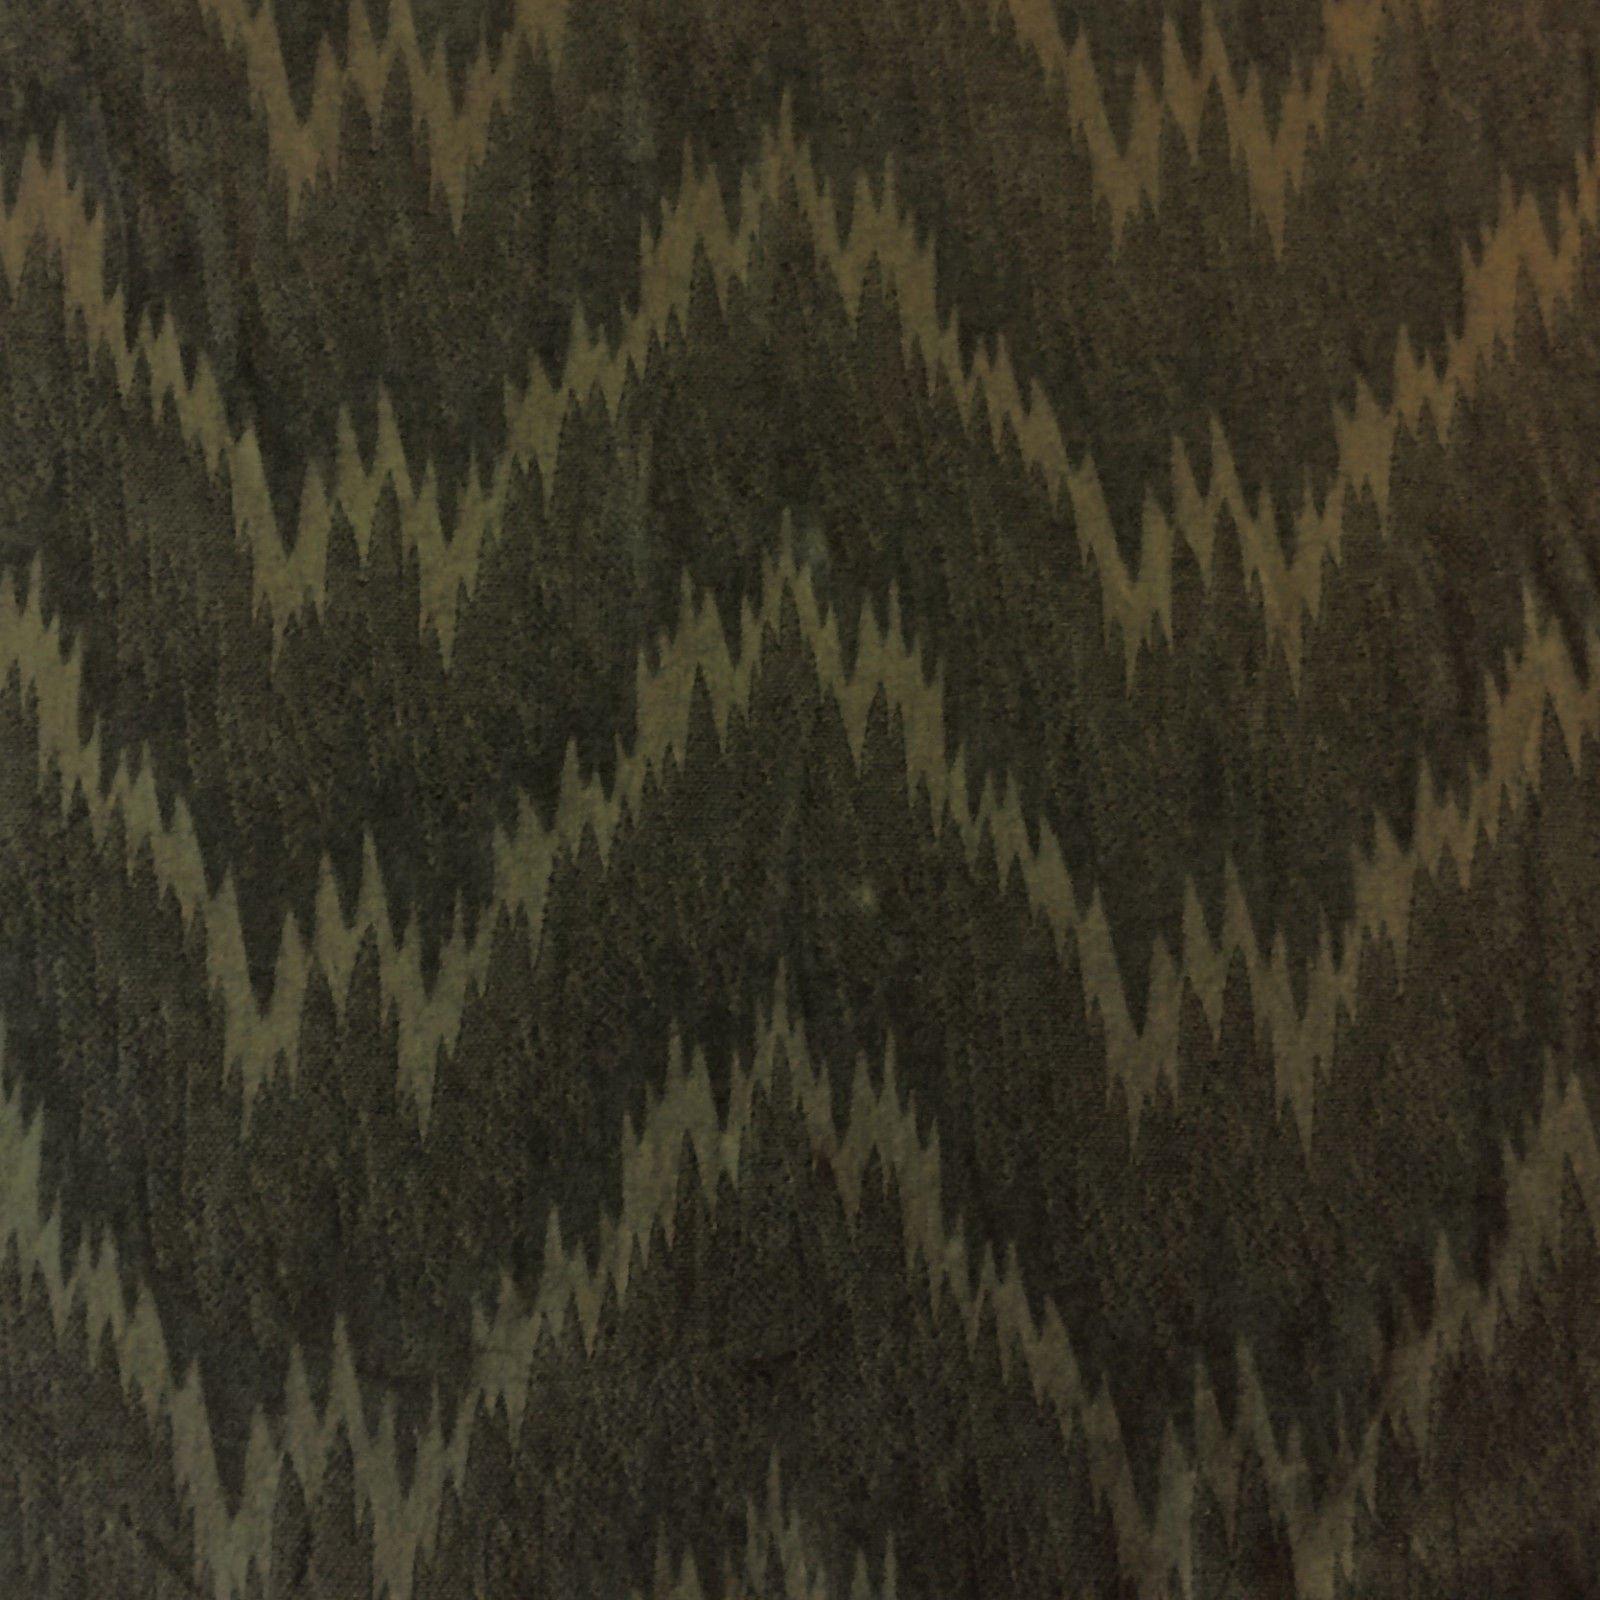 Brunschwig & Fils Heavy Seratta Cut Velvet Dark Olive Brown Flamestitch Design Pattern Cotton Velvet Fabric WB47